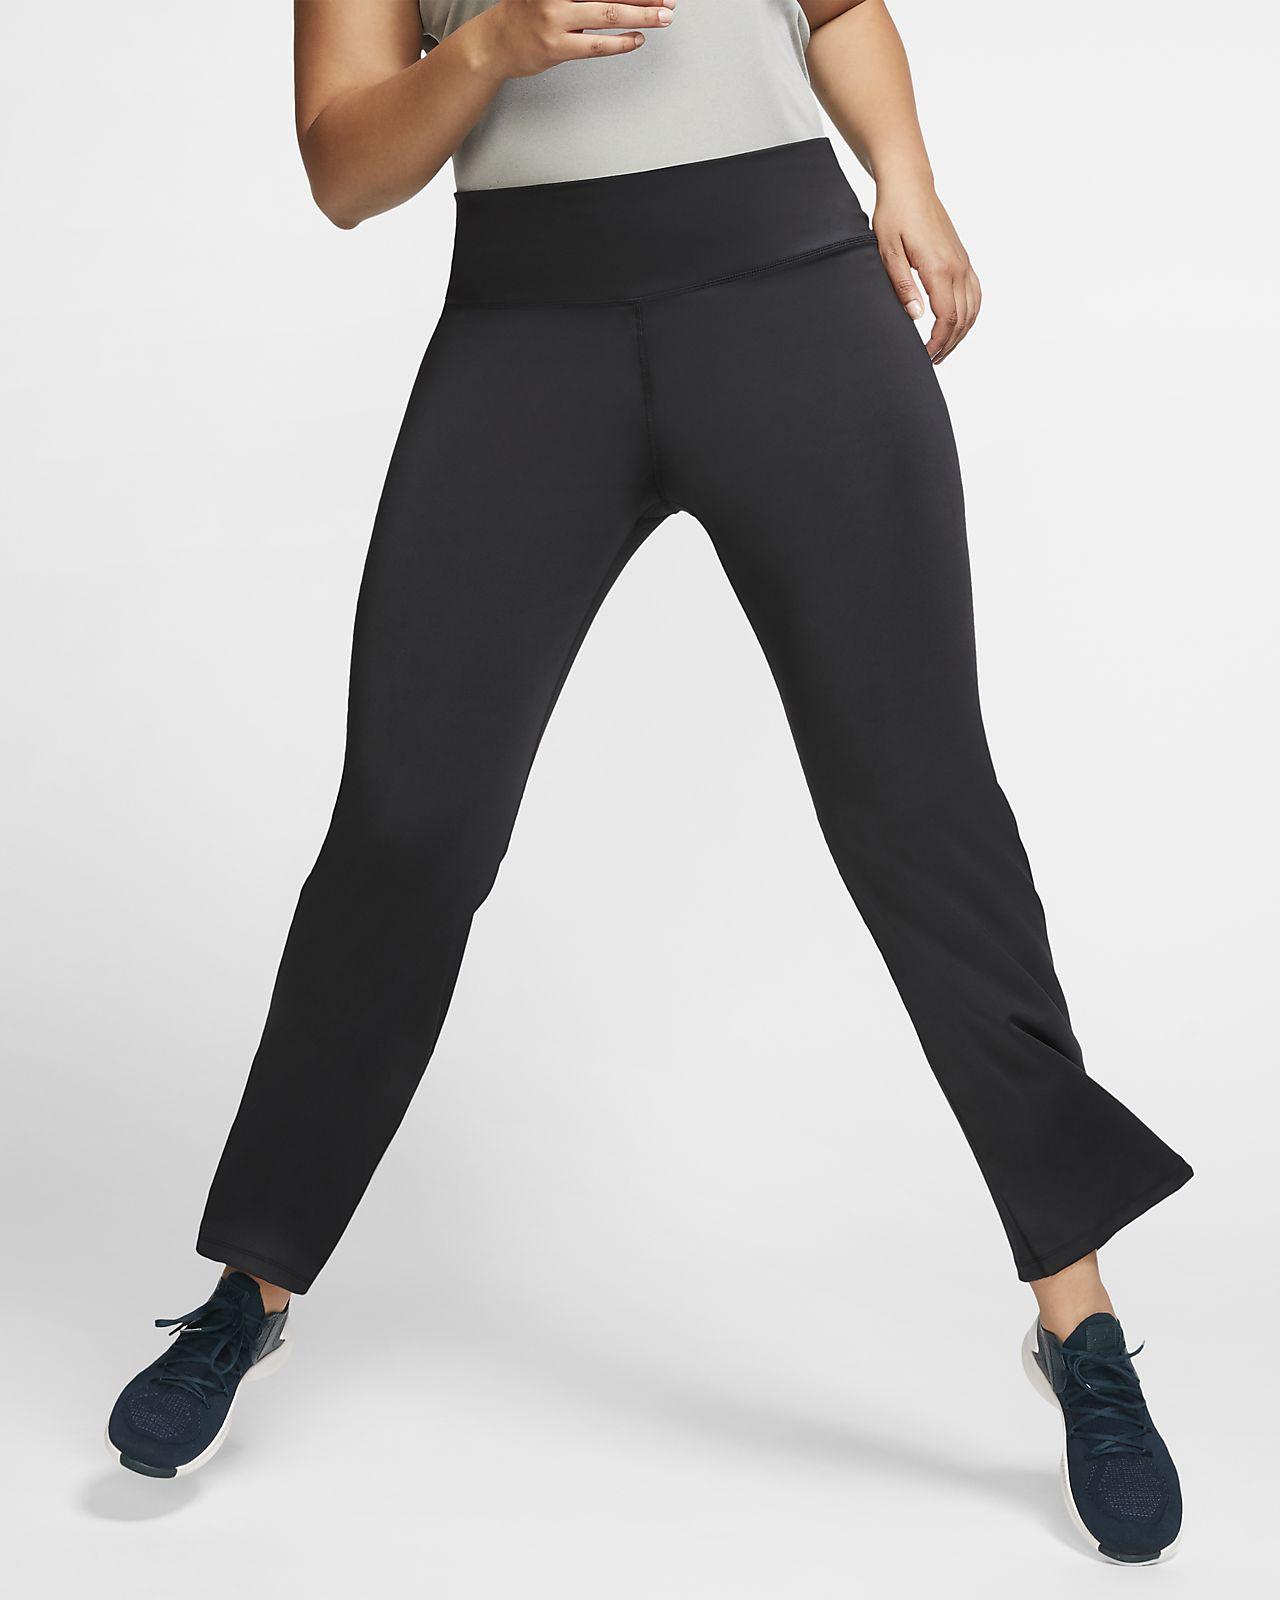 Damskie spodnie treningowe Nike Power (duże rozmiary)